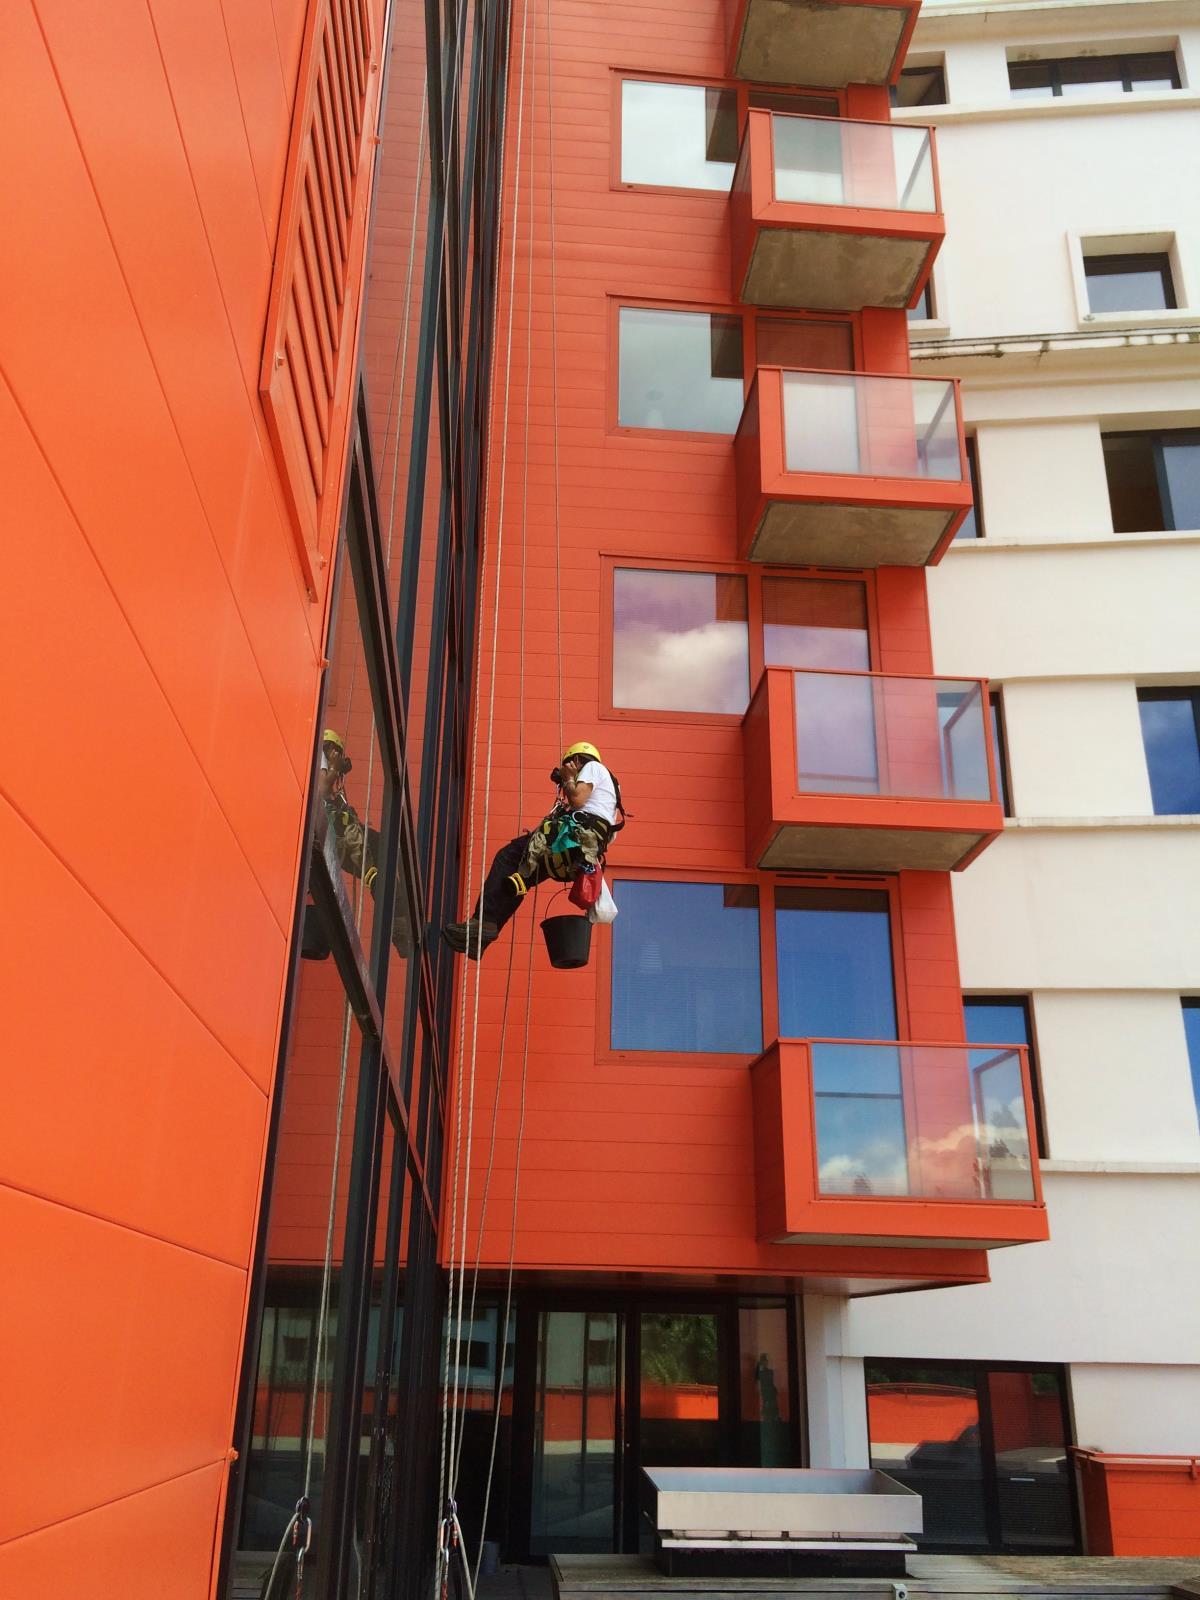 Comment nettoyer la facade d une maison contraste avant for Nettoyer une facade a l eau de javel